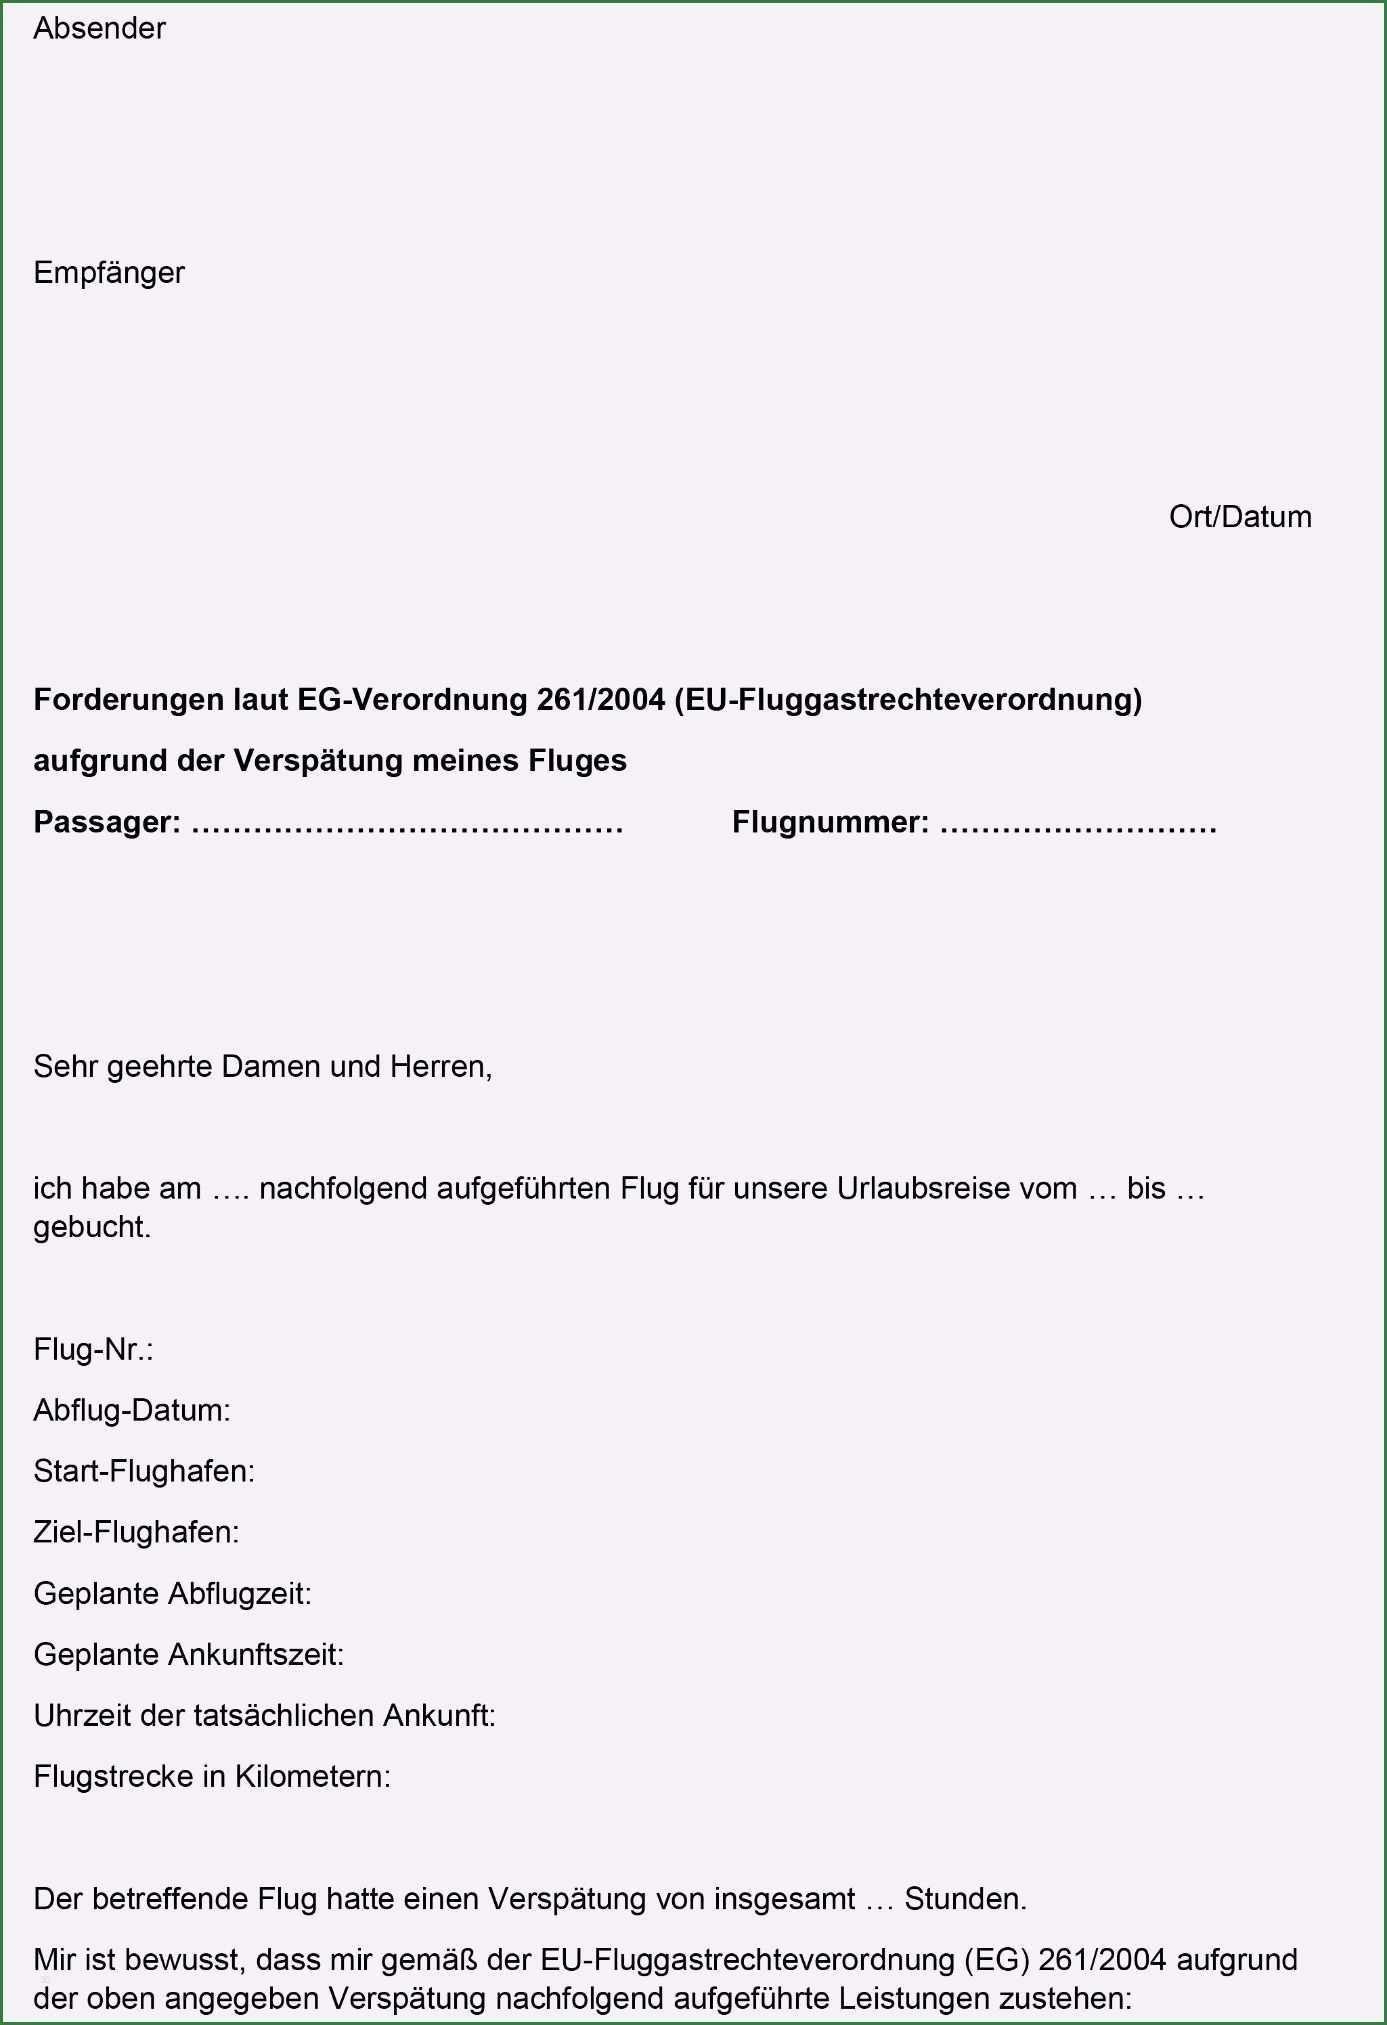 13 Wunderbar Vorlage Erstattung Flugausfall Bilder Vorlagen Word Vorlagen Briefvorlagen